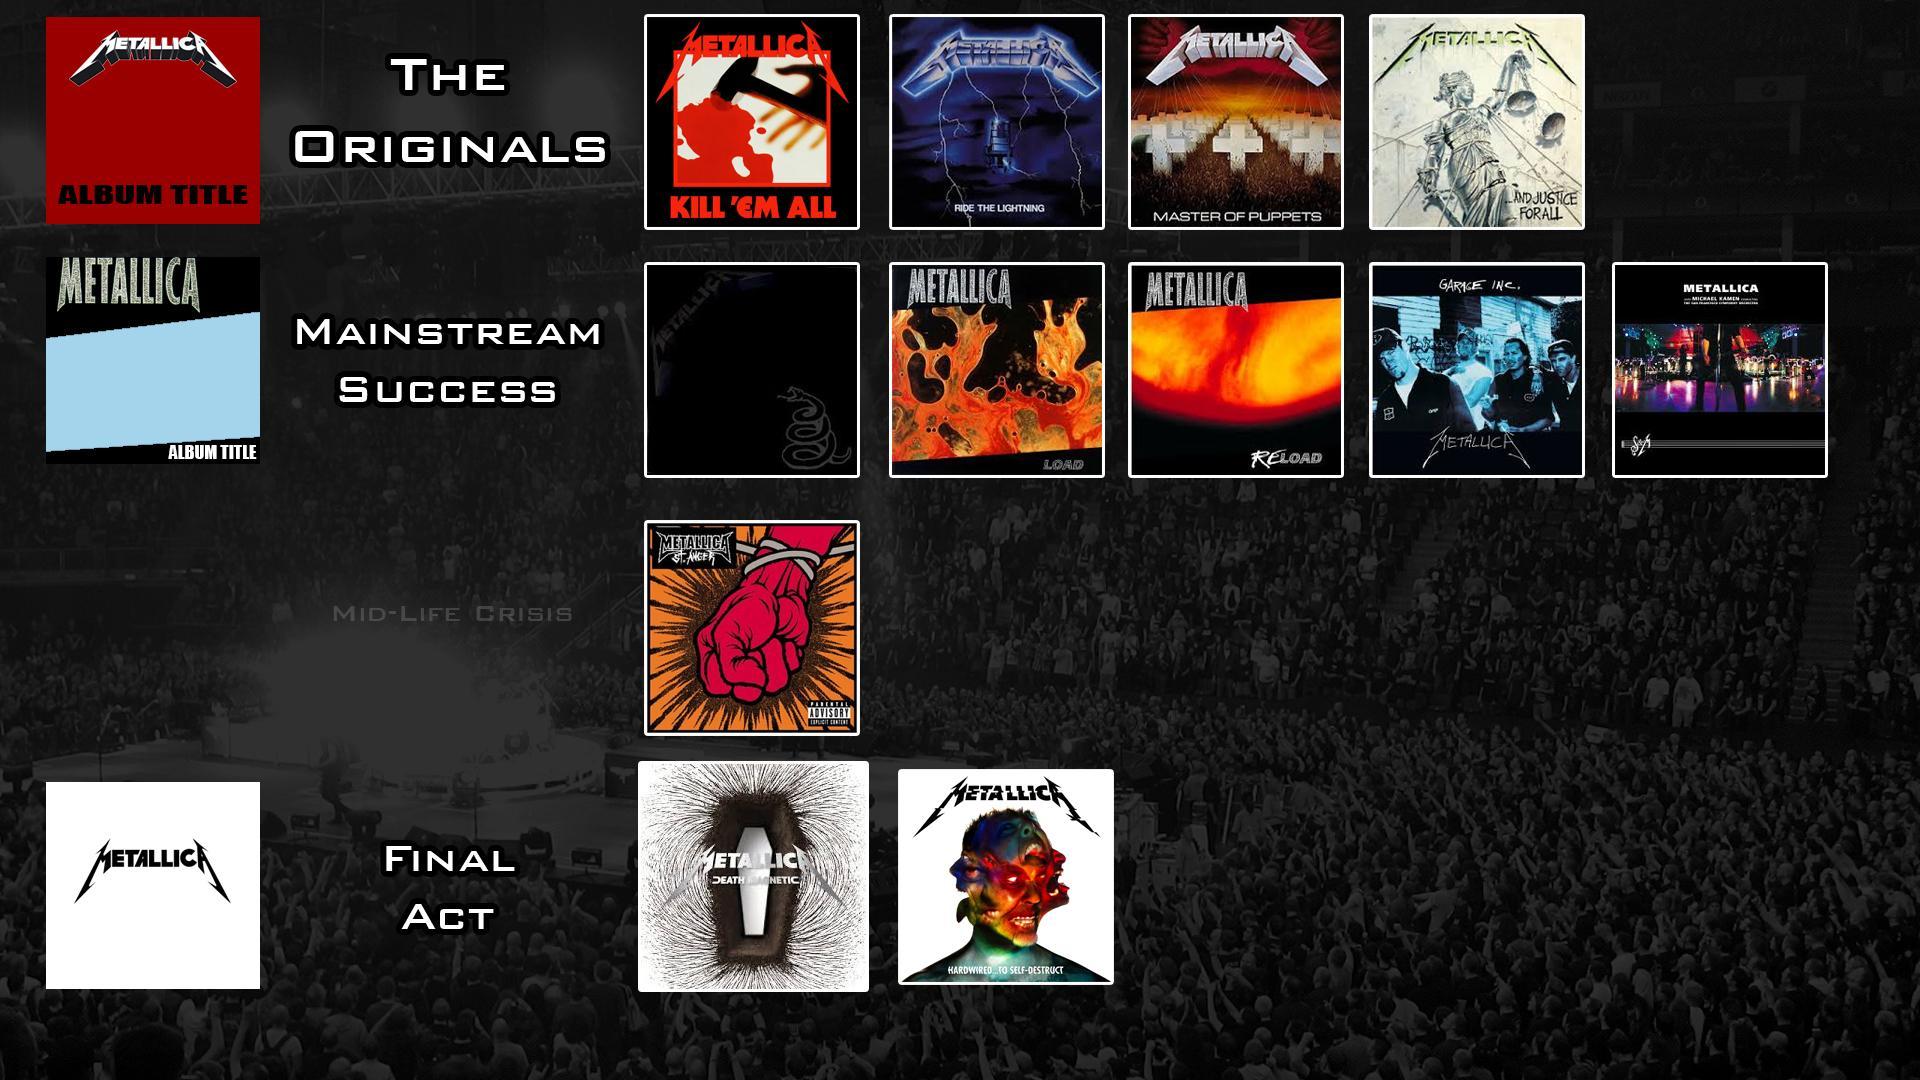 Metallica Setlist